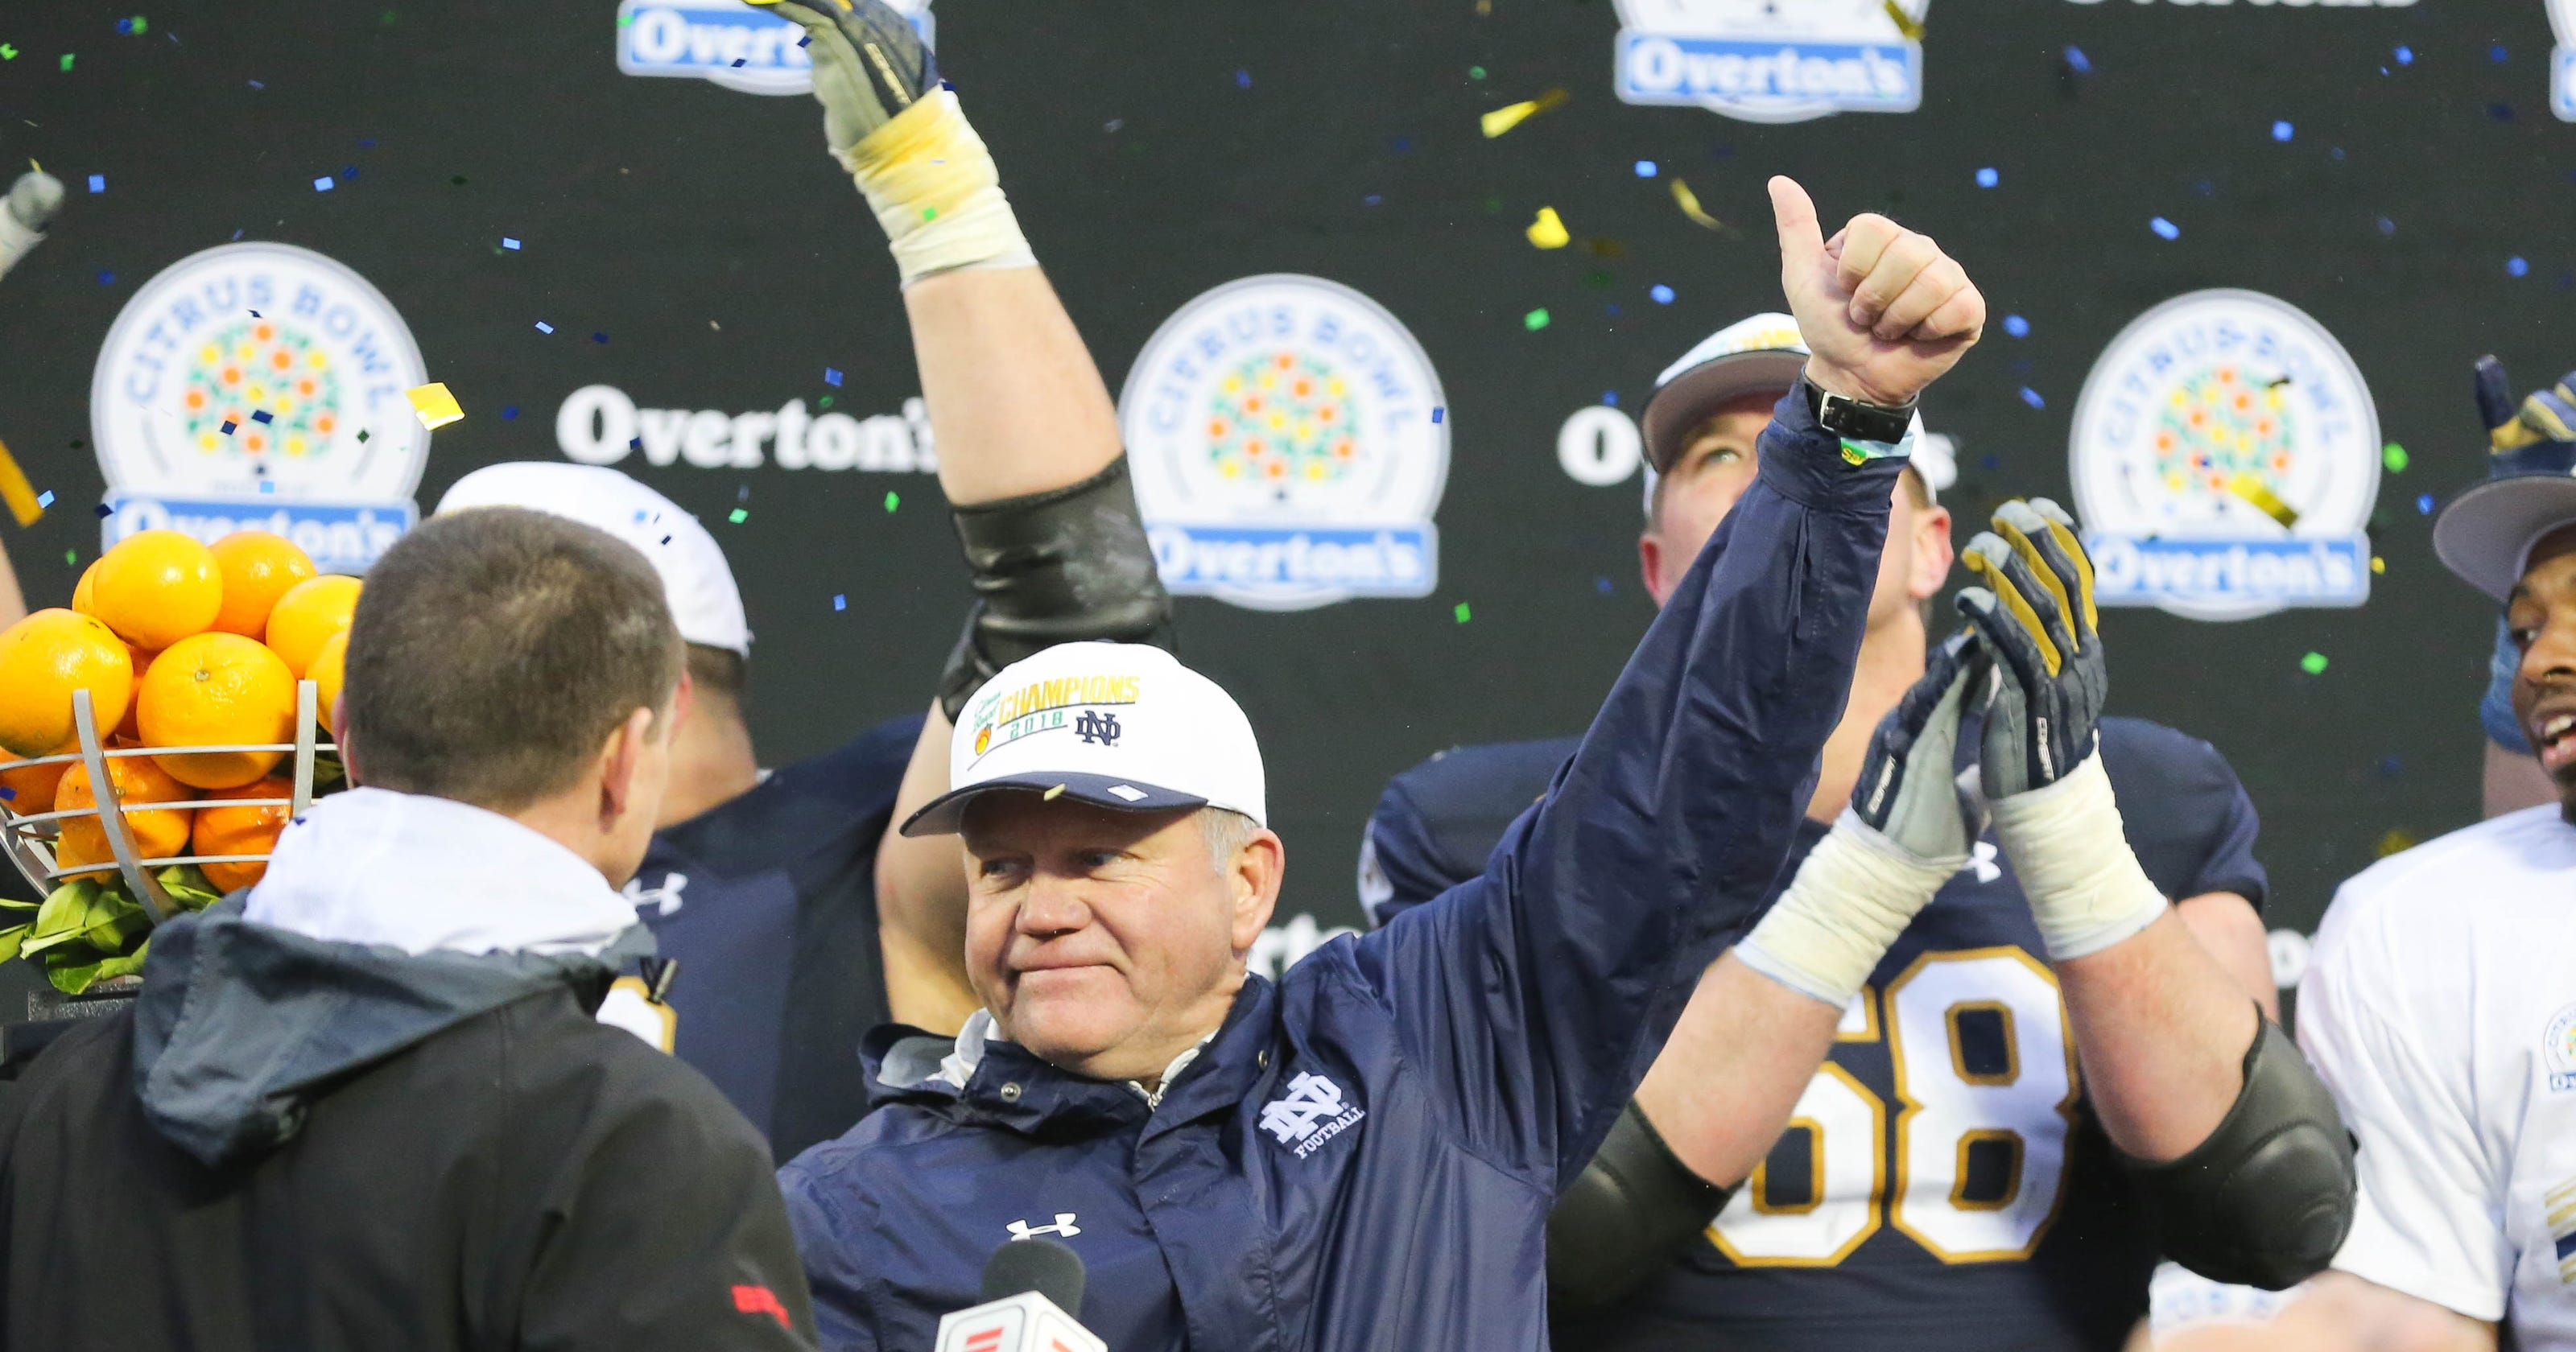 9a3124b2a Notre Dame football ranked No. 12 in preseason AP poll